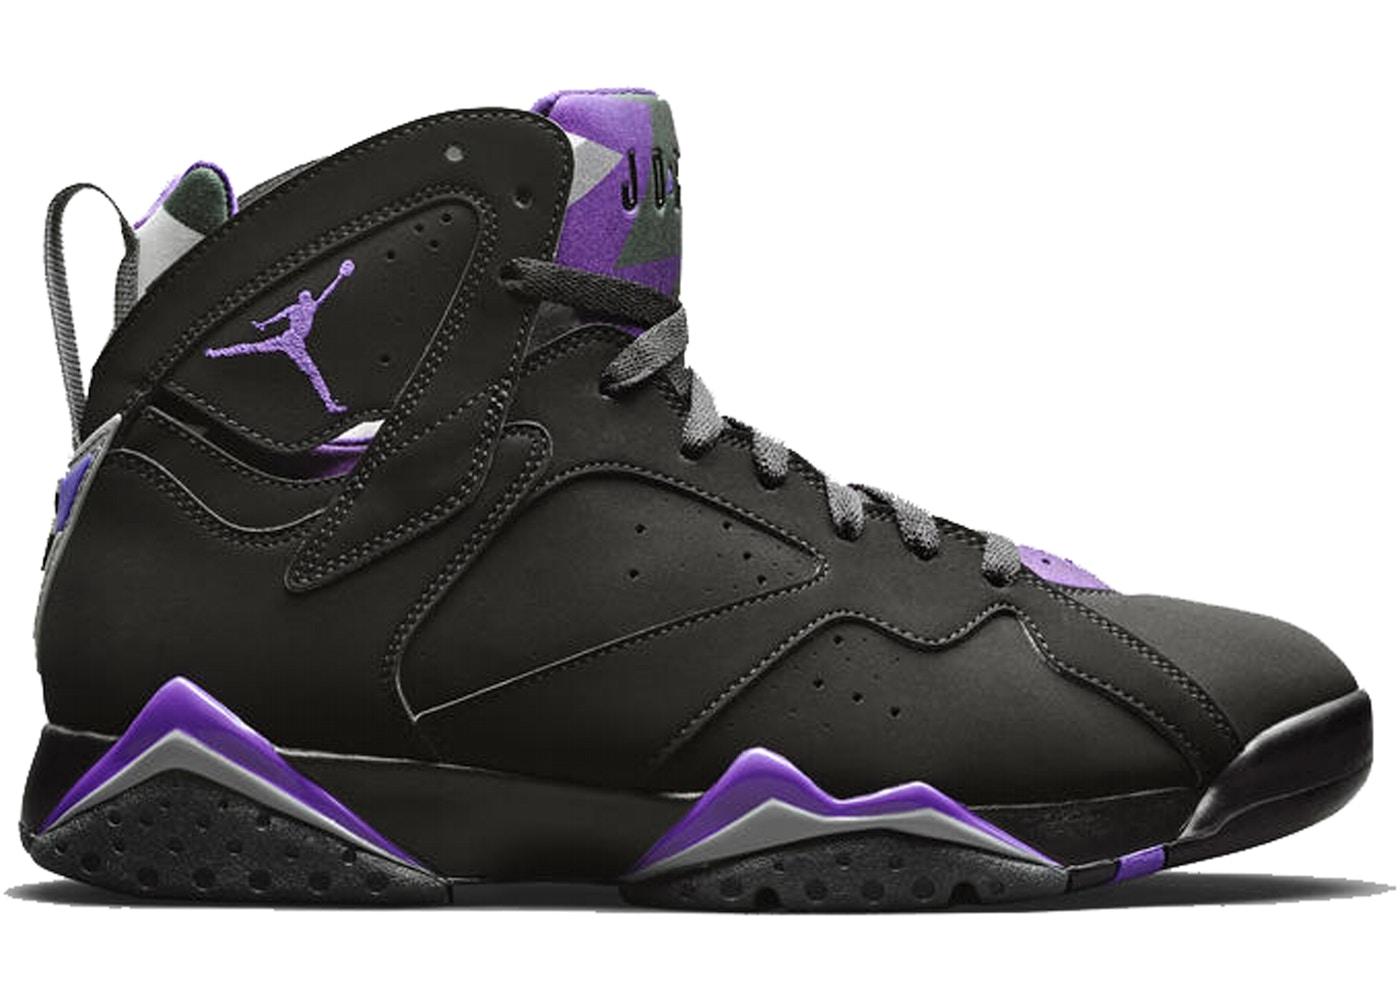 0b6eeff39c4ffb Buy Air Jordan 7 Shoes   Deadstock Sneakers